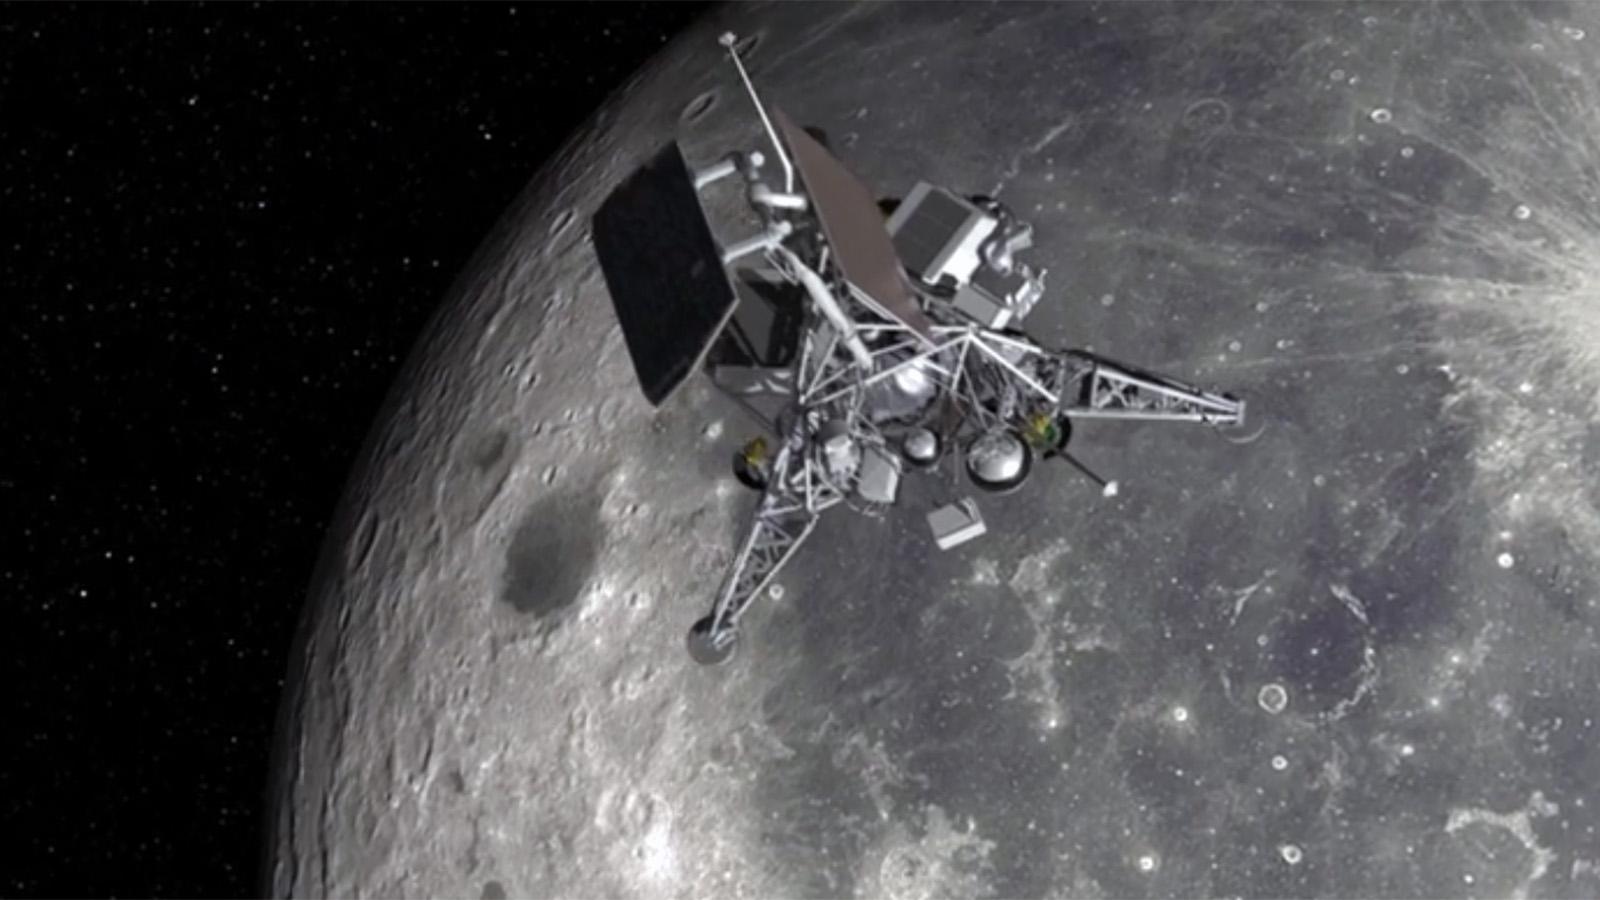 spacecraft found on moon - HD1600×900